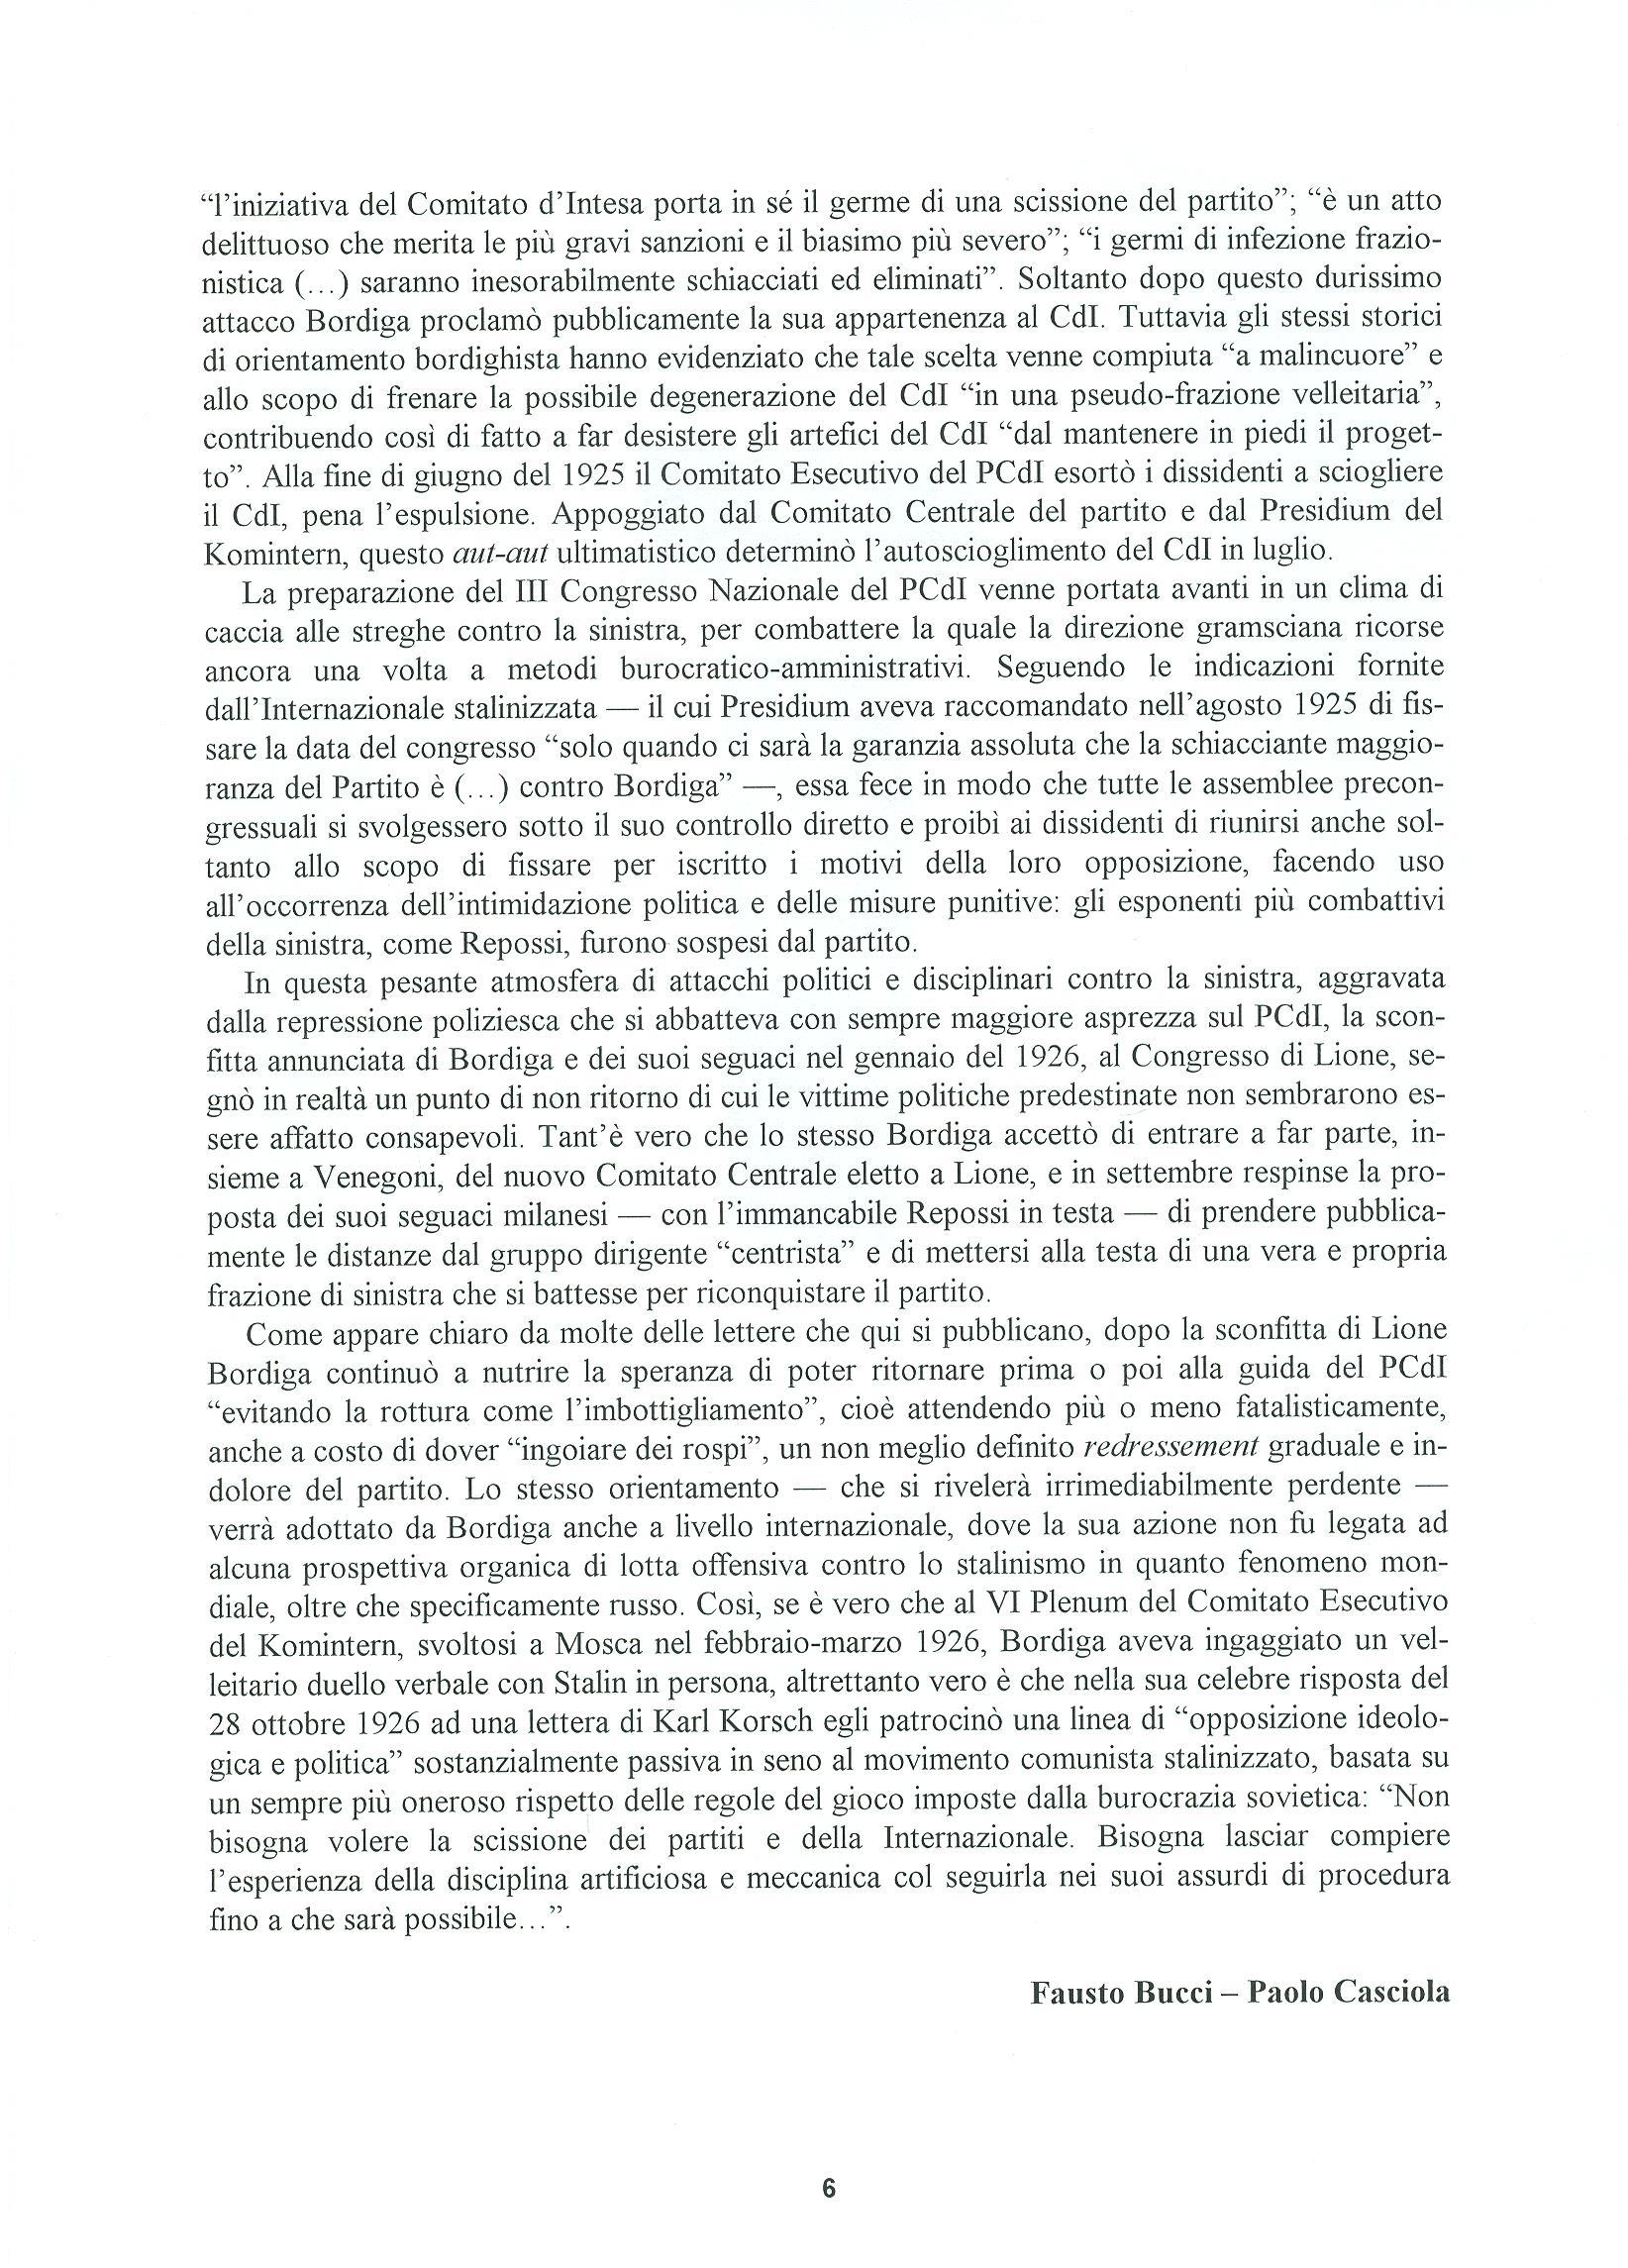 Quaderni del Centro Studi Pietro Tresso (1996-2009) n. 14 (novembre 1998) - pag. 7